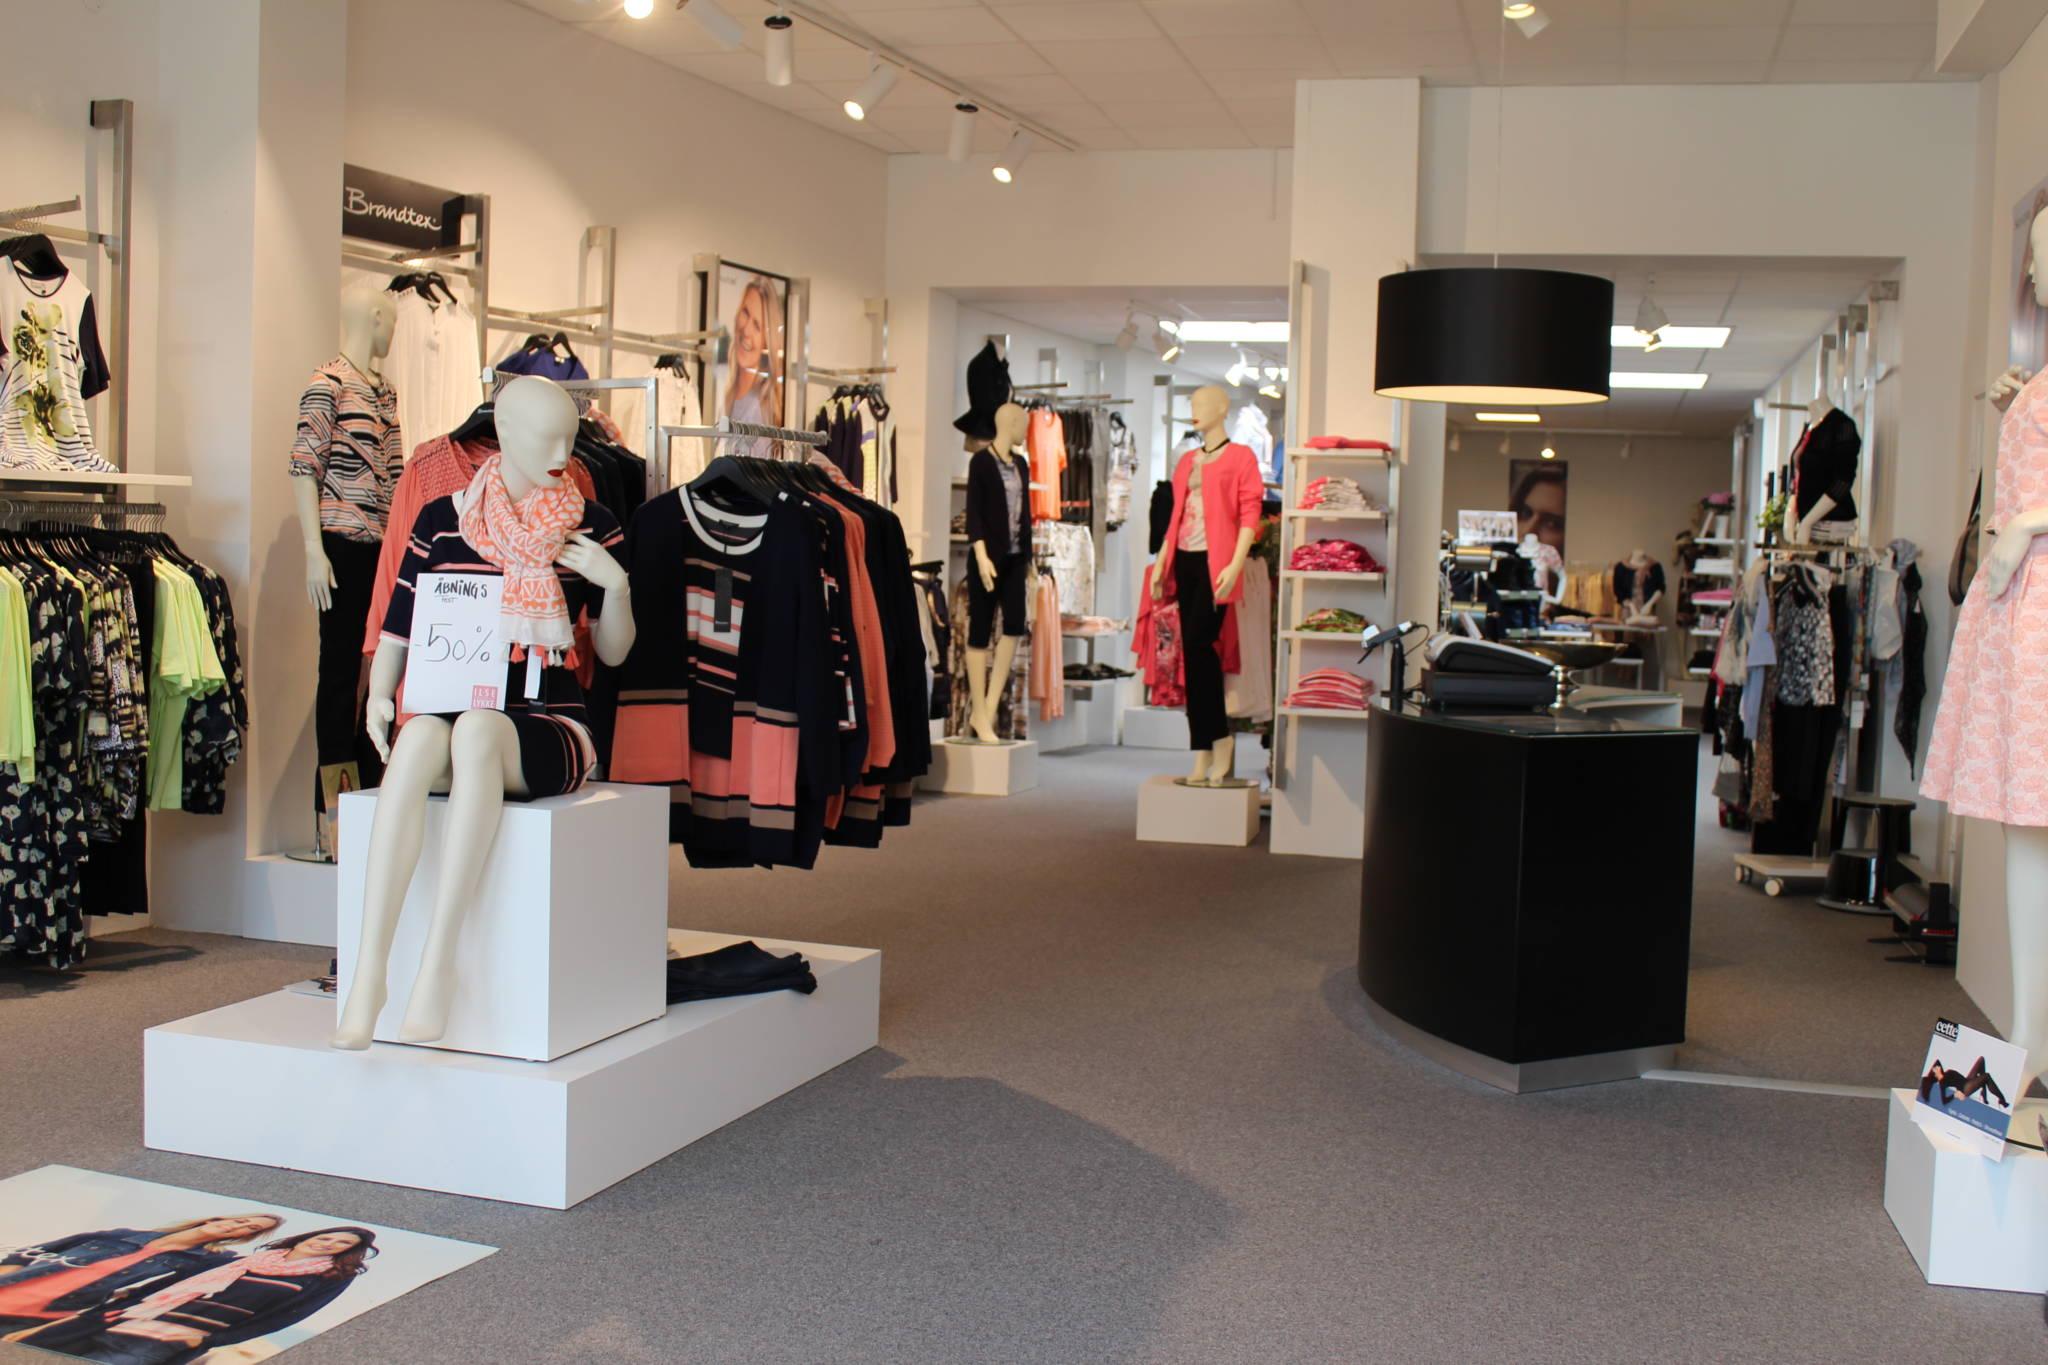 Ny butiksindretning med flot buet disk og et kampagne område midt på gulvet